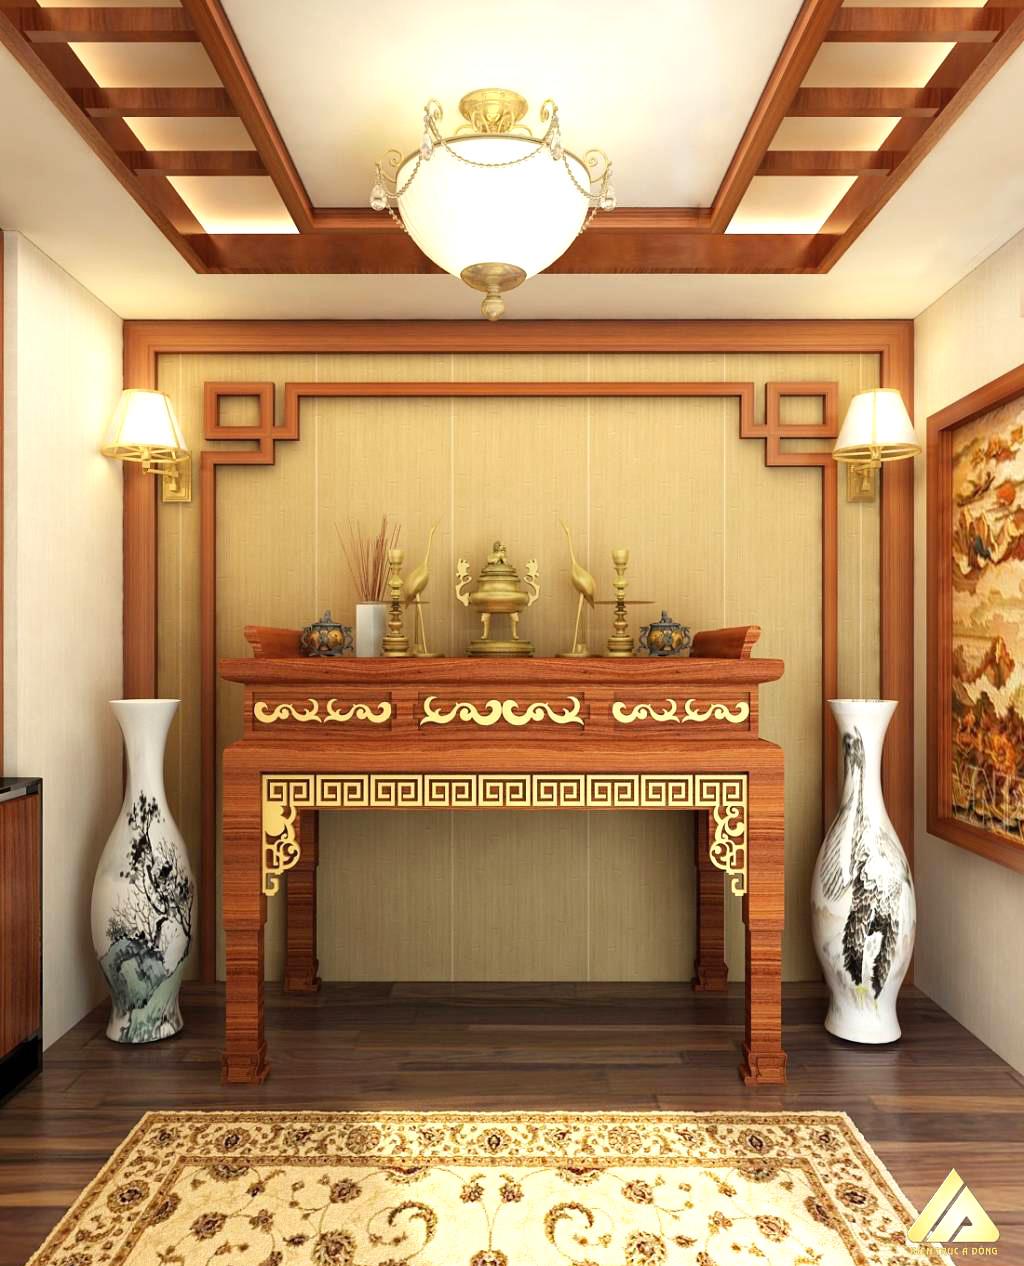 mẫu thiết kế phòng thờ đẹp và trang trọng 1